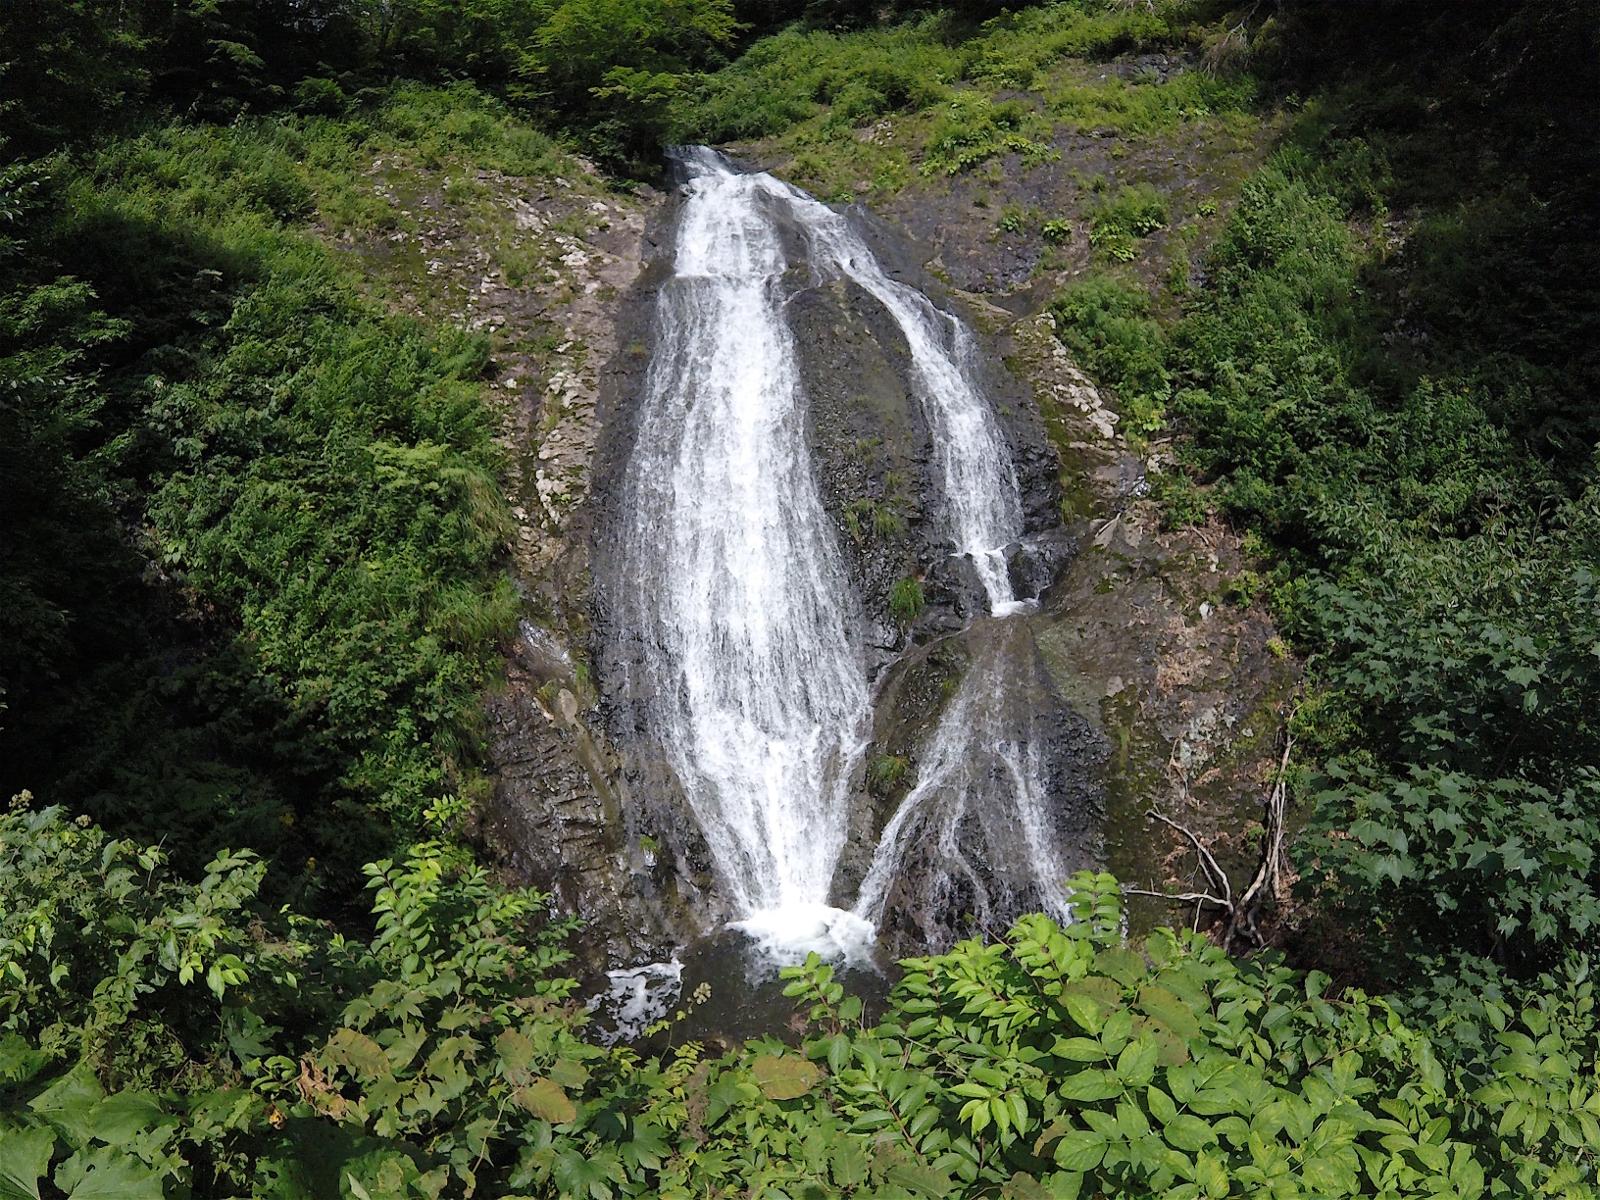 林道のカーブミラーでその存在を知る!黒松内町の山奥にある「重滝」